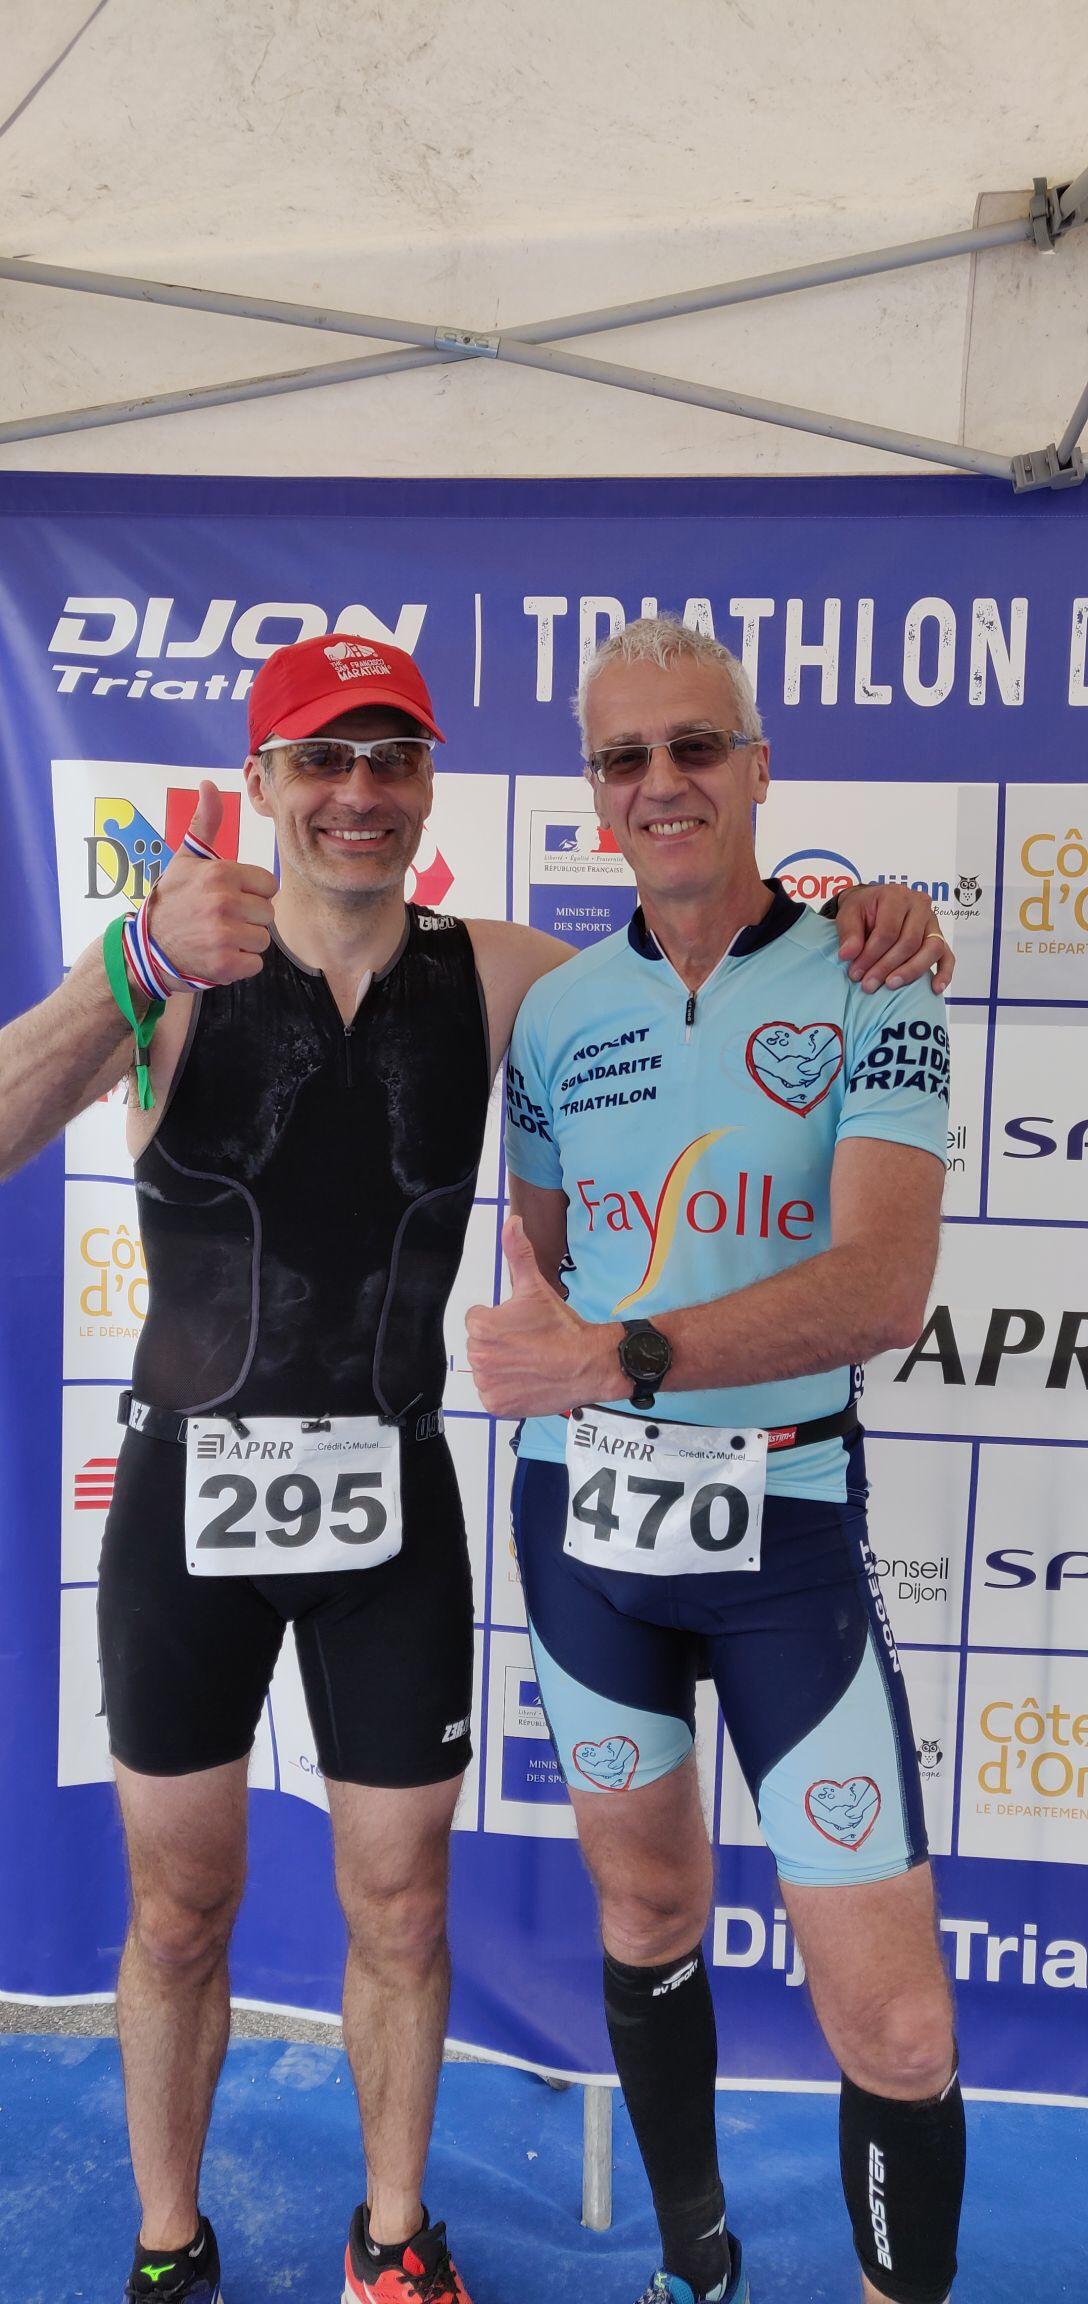 Triathlon Half De Dijon 26 Mai 2019 – Pourquoi Je Cours intérieur Triathlon Du Chemin Des Dames